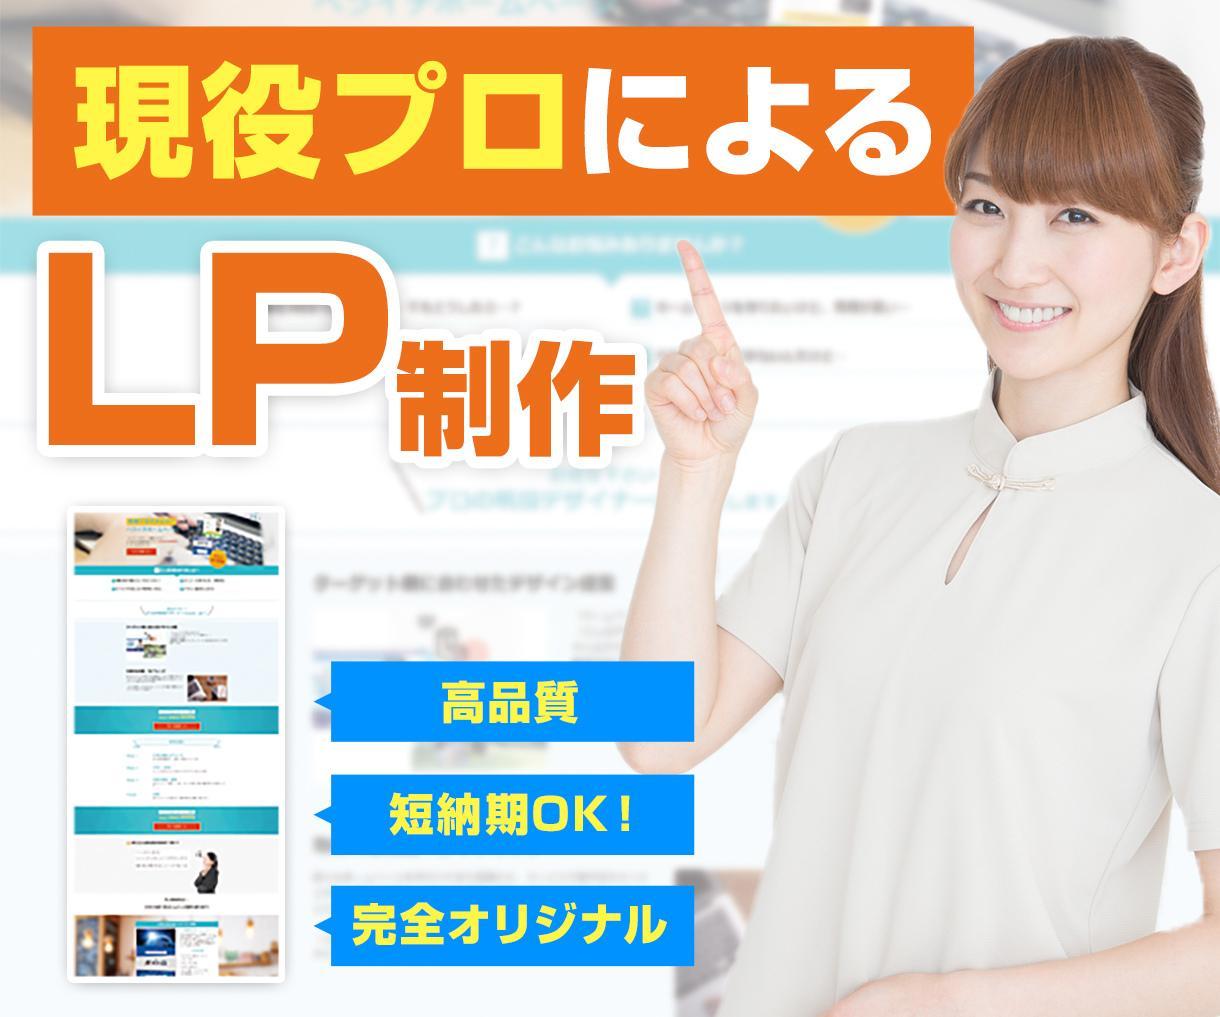 プロデザイナーが美麗LP作ります 特別価格15000円!おまかせデザインOK!